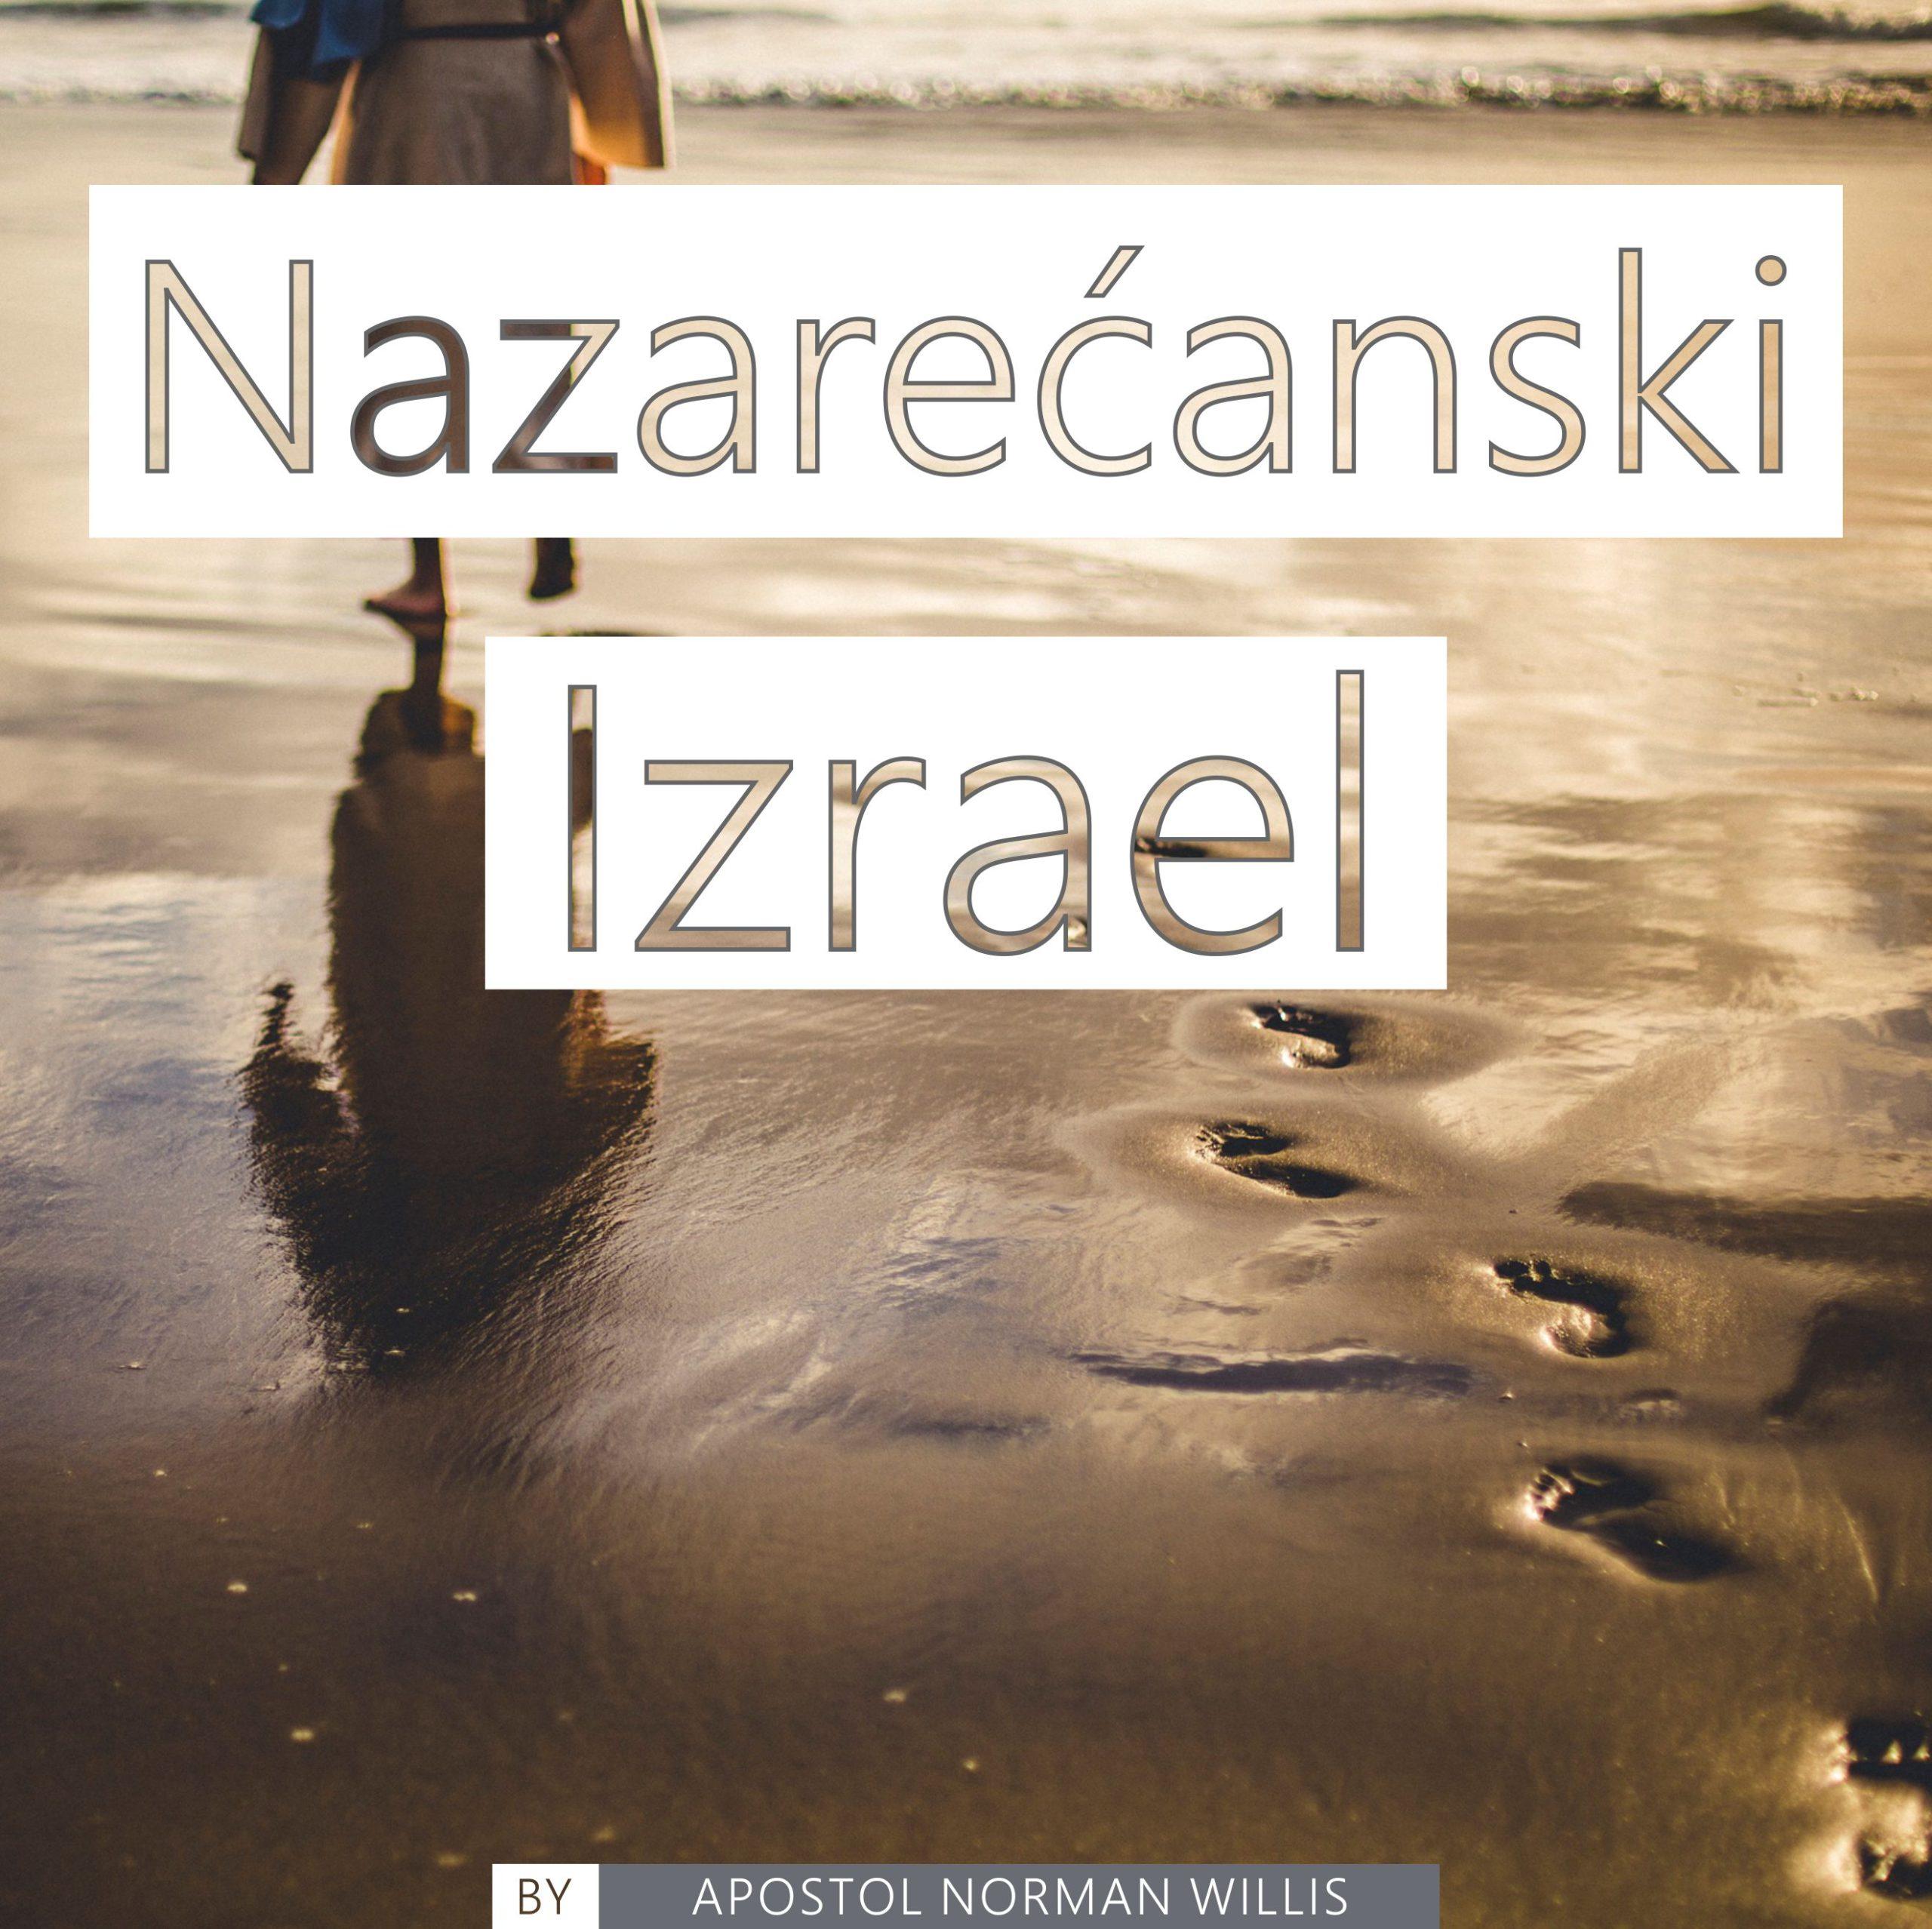 Nazarećan-ski Izrael